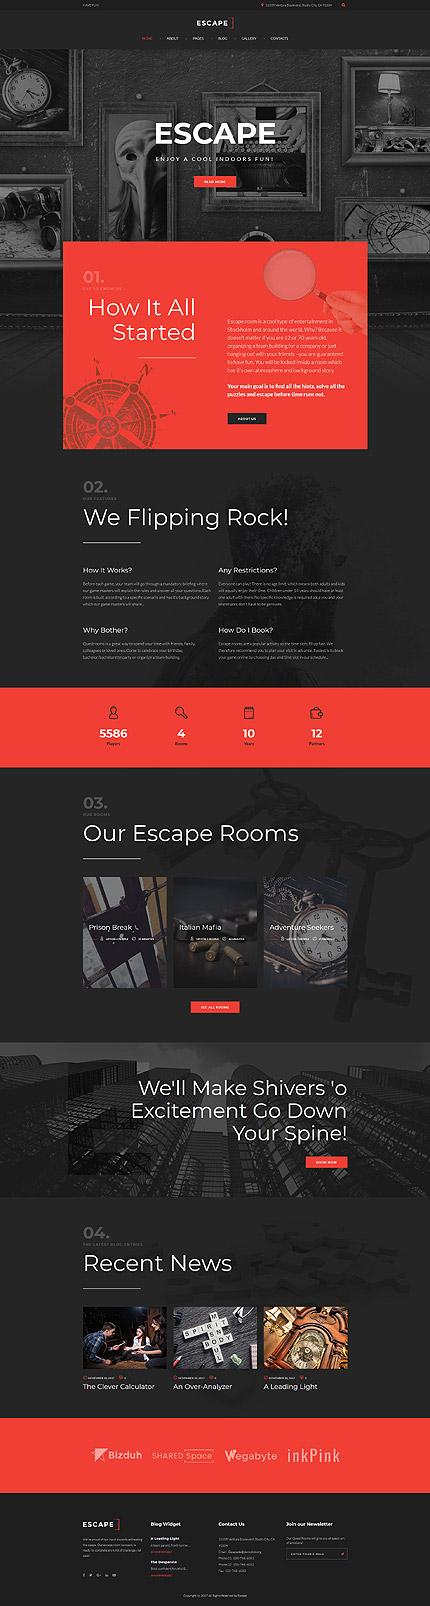 Escape - Escape Room Joomla Template 3